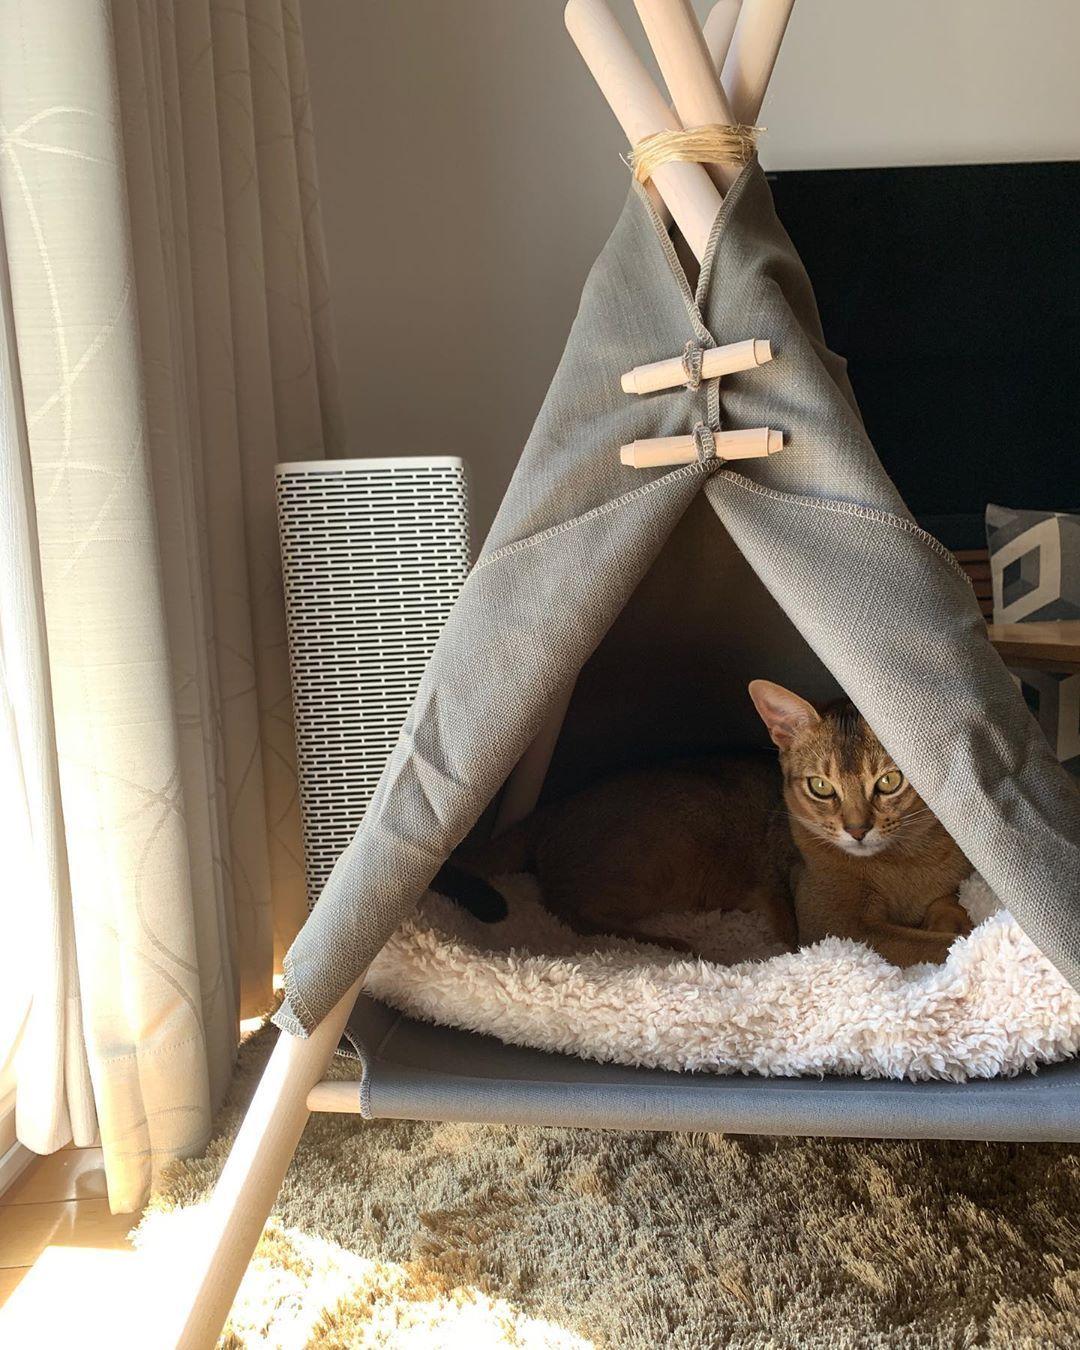 猫用テント なかなか使ってくれなかったけどふわふわ毛布を敷いたら入ってくれた お気に入りスポット e